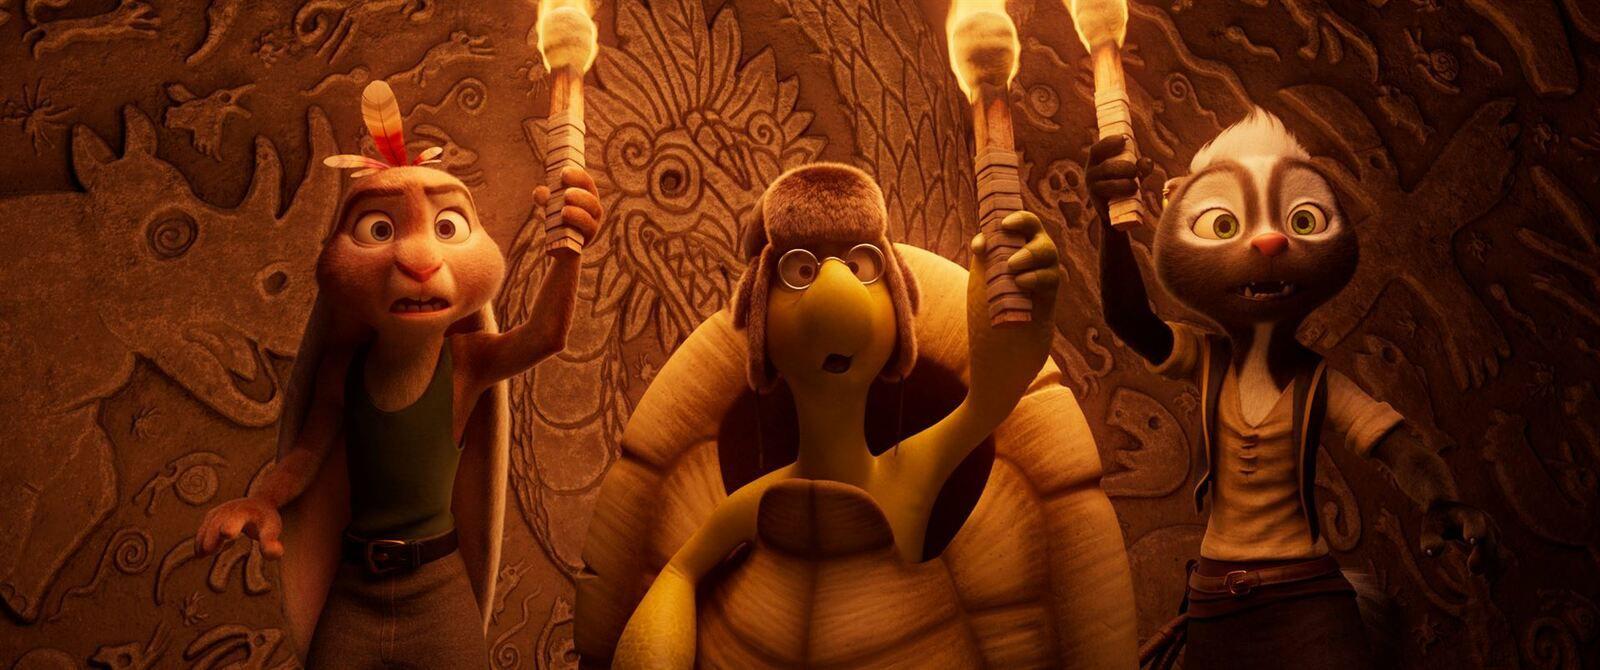 Hopper et le hamster des ténèbres (BANDE-ANNONCE) de Ben Stassen et Benjamin Mousquet - Le 2 février 2022 au cinéma